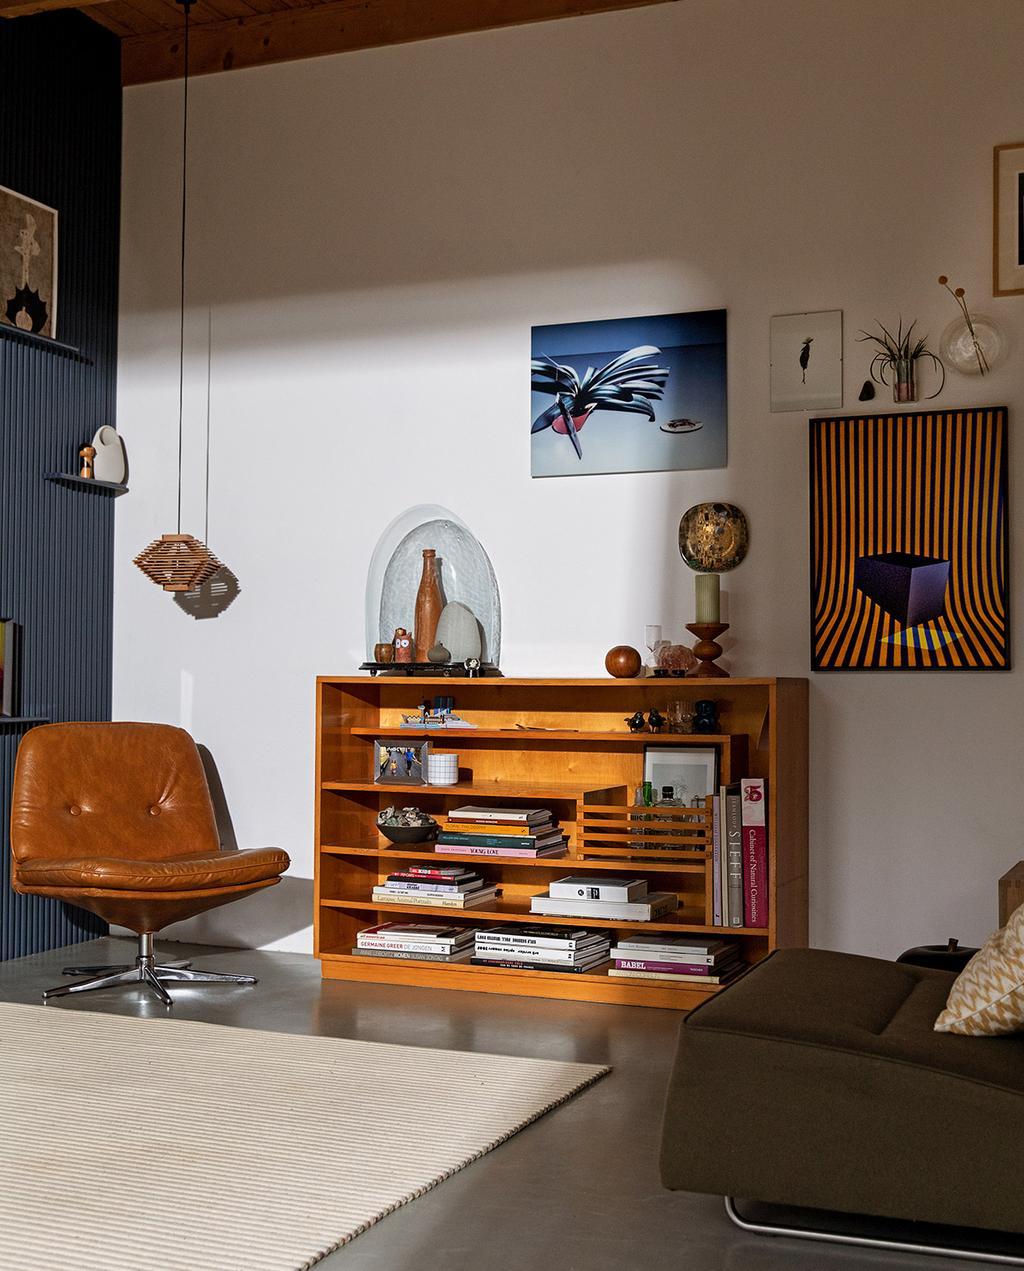 vtwonen 03-2021 | blauw en oranje kunst aan de muur met kast